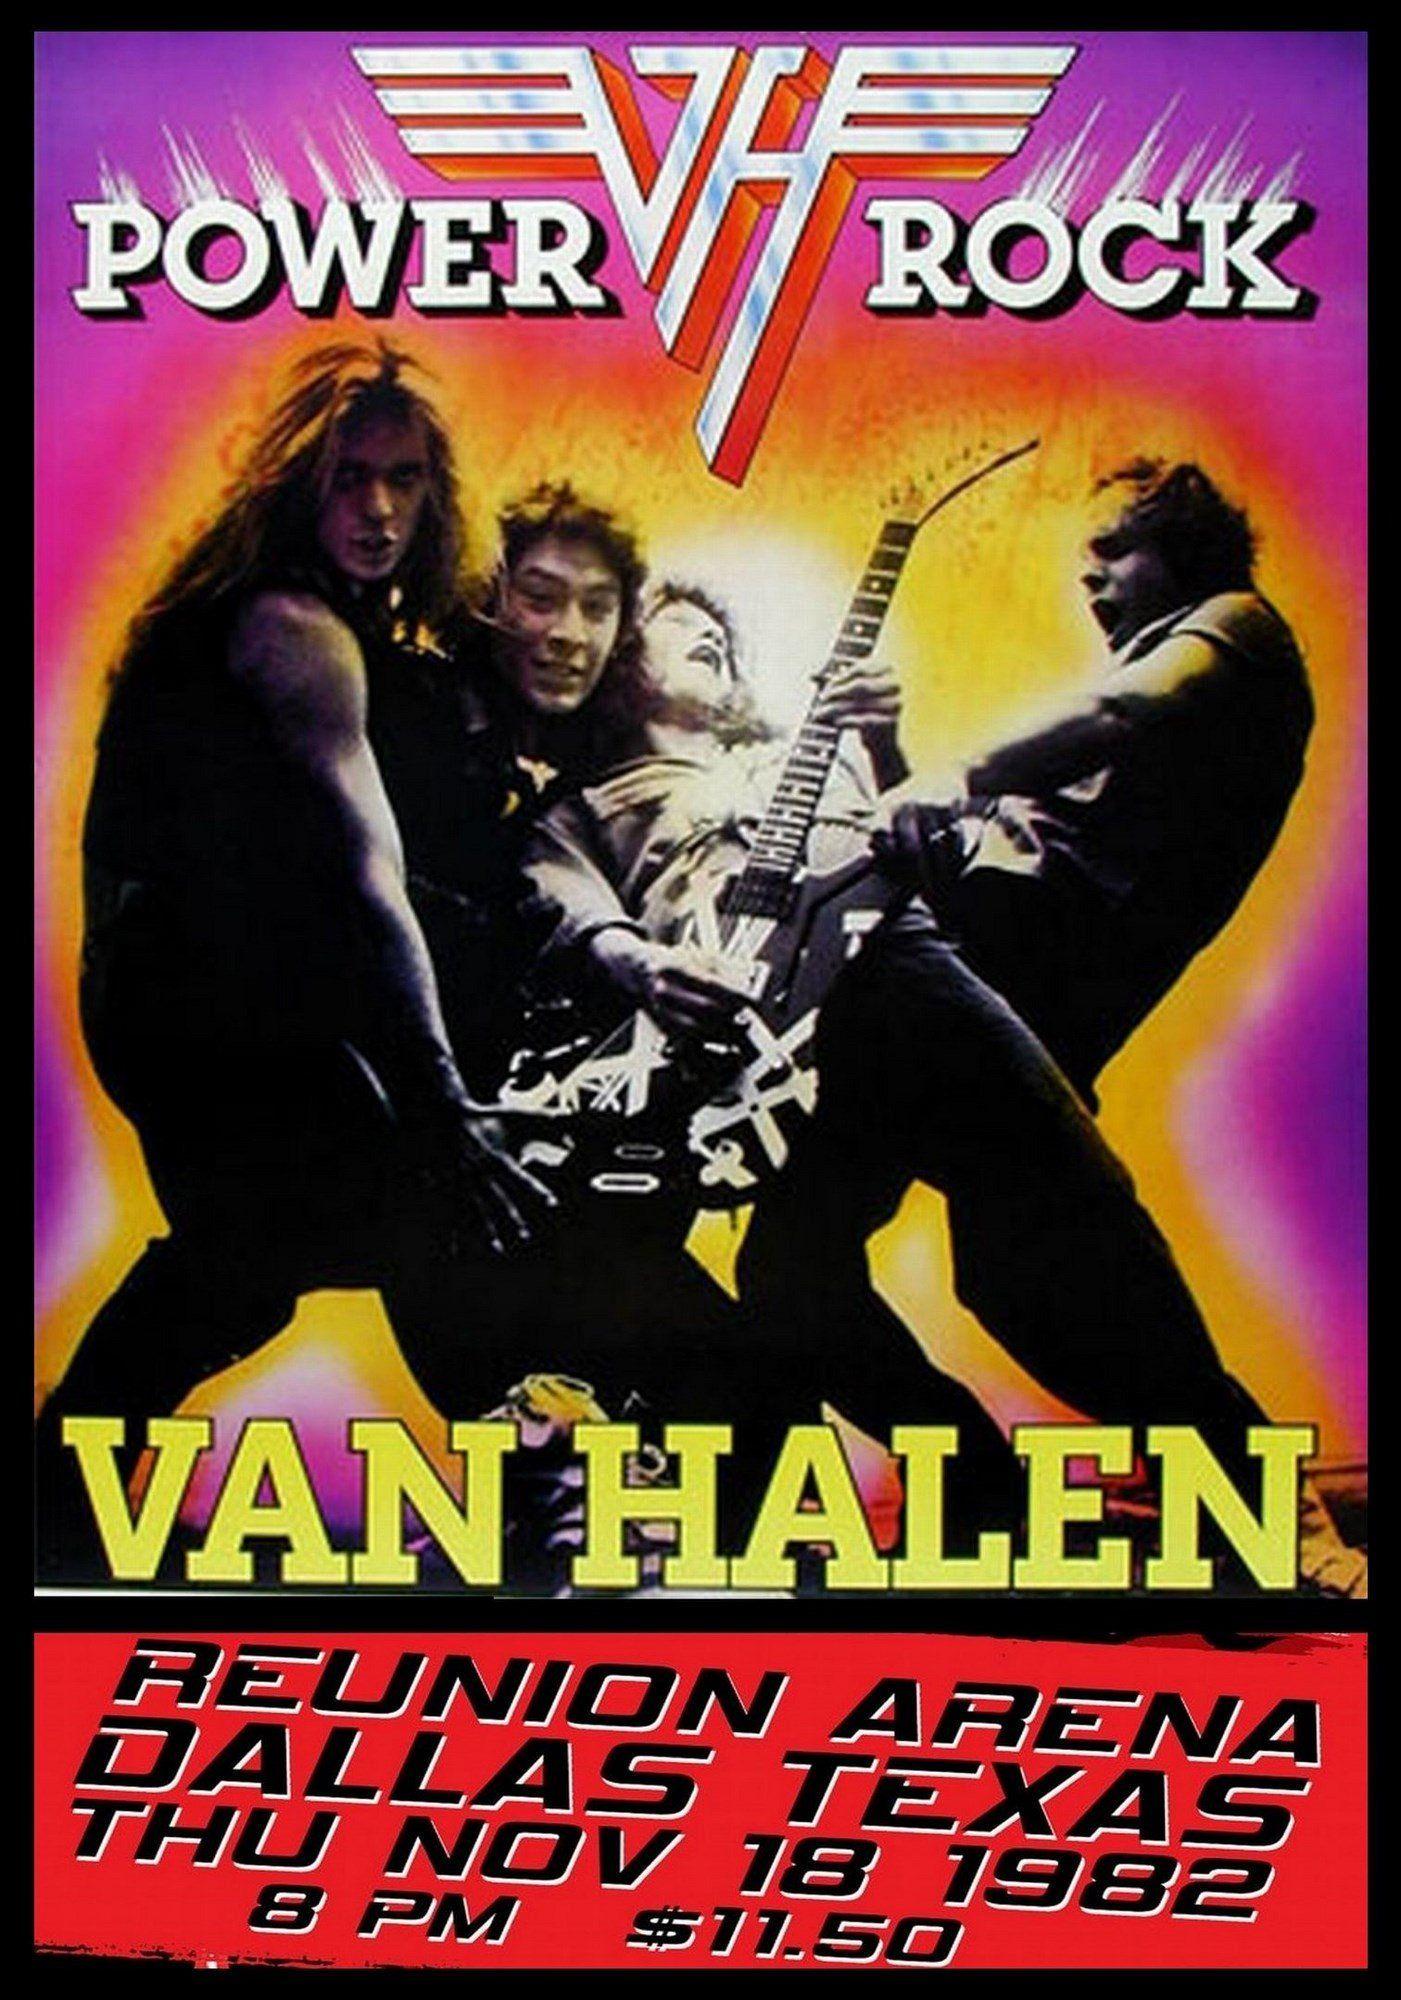 Van Halen Vintage Poster Reunion Arena Dallas Texas 1982 Music Concert Posters Van Halen Concert Posters